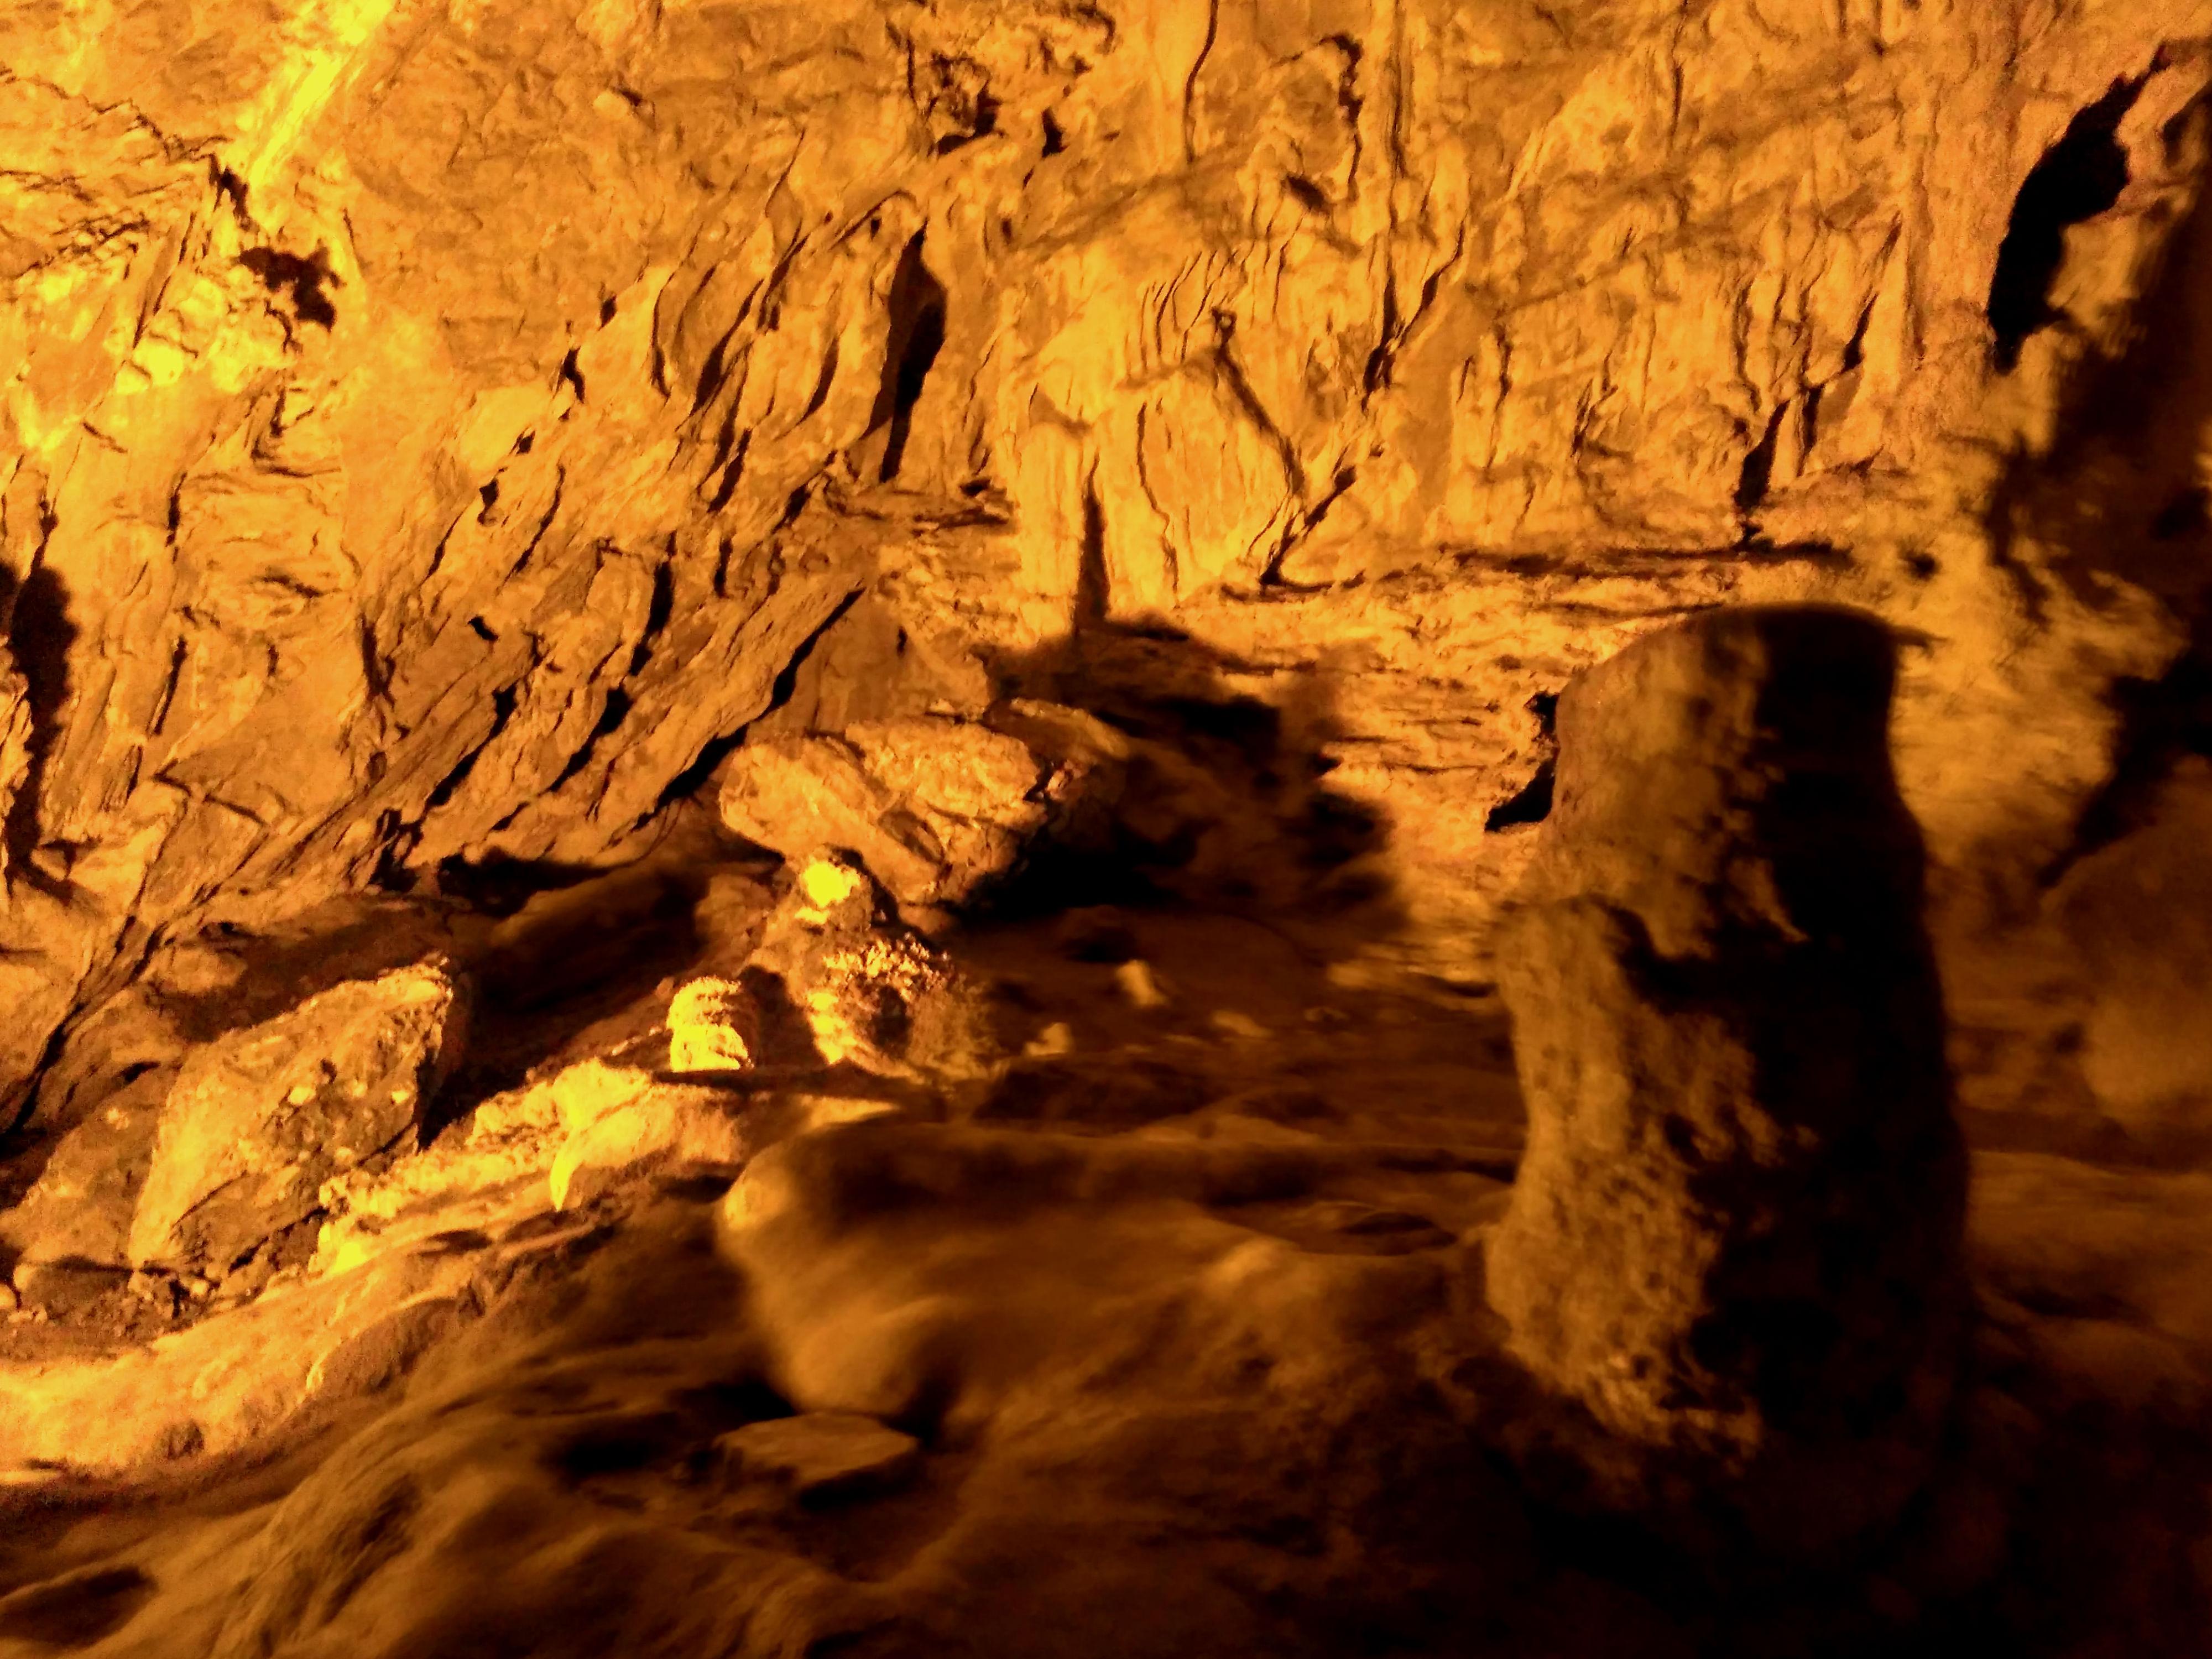 Cuevona de Cuevas